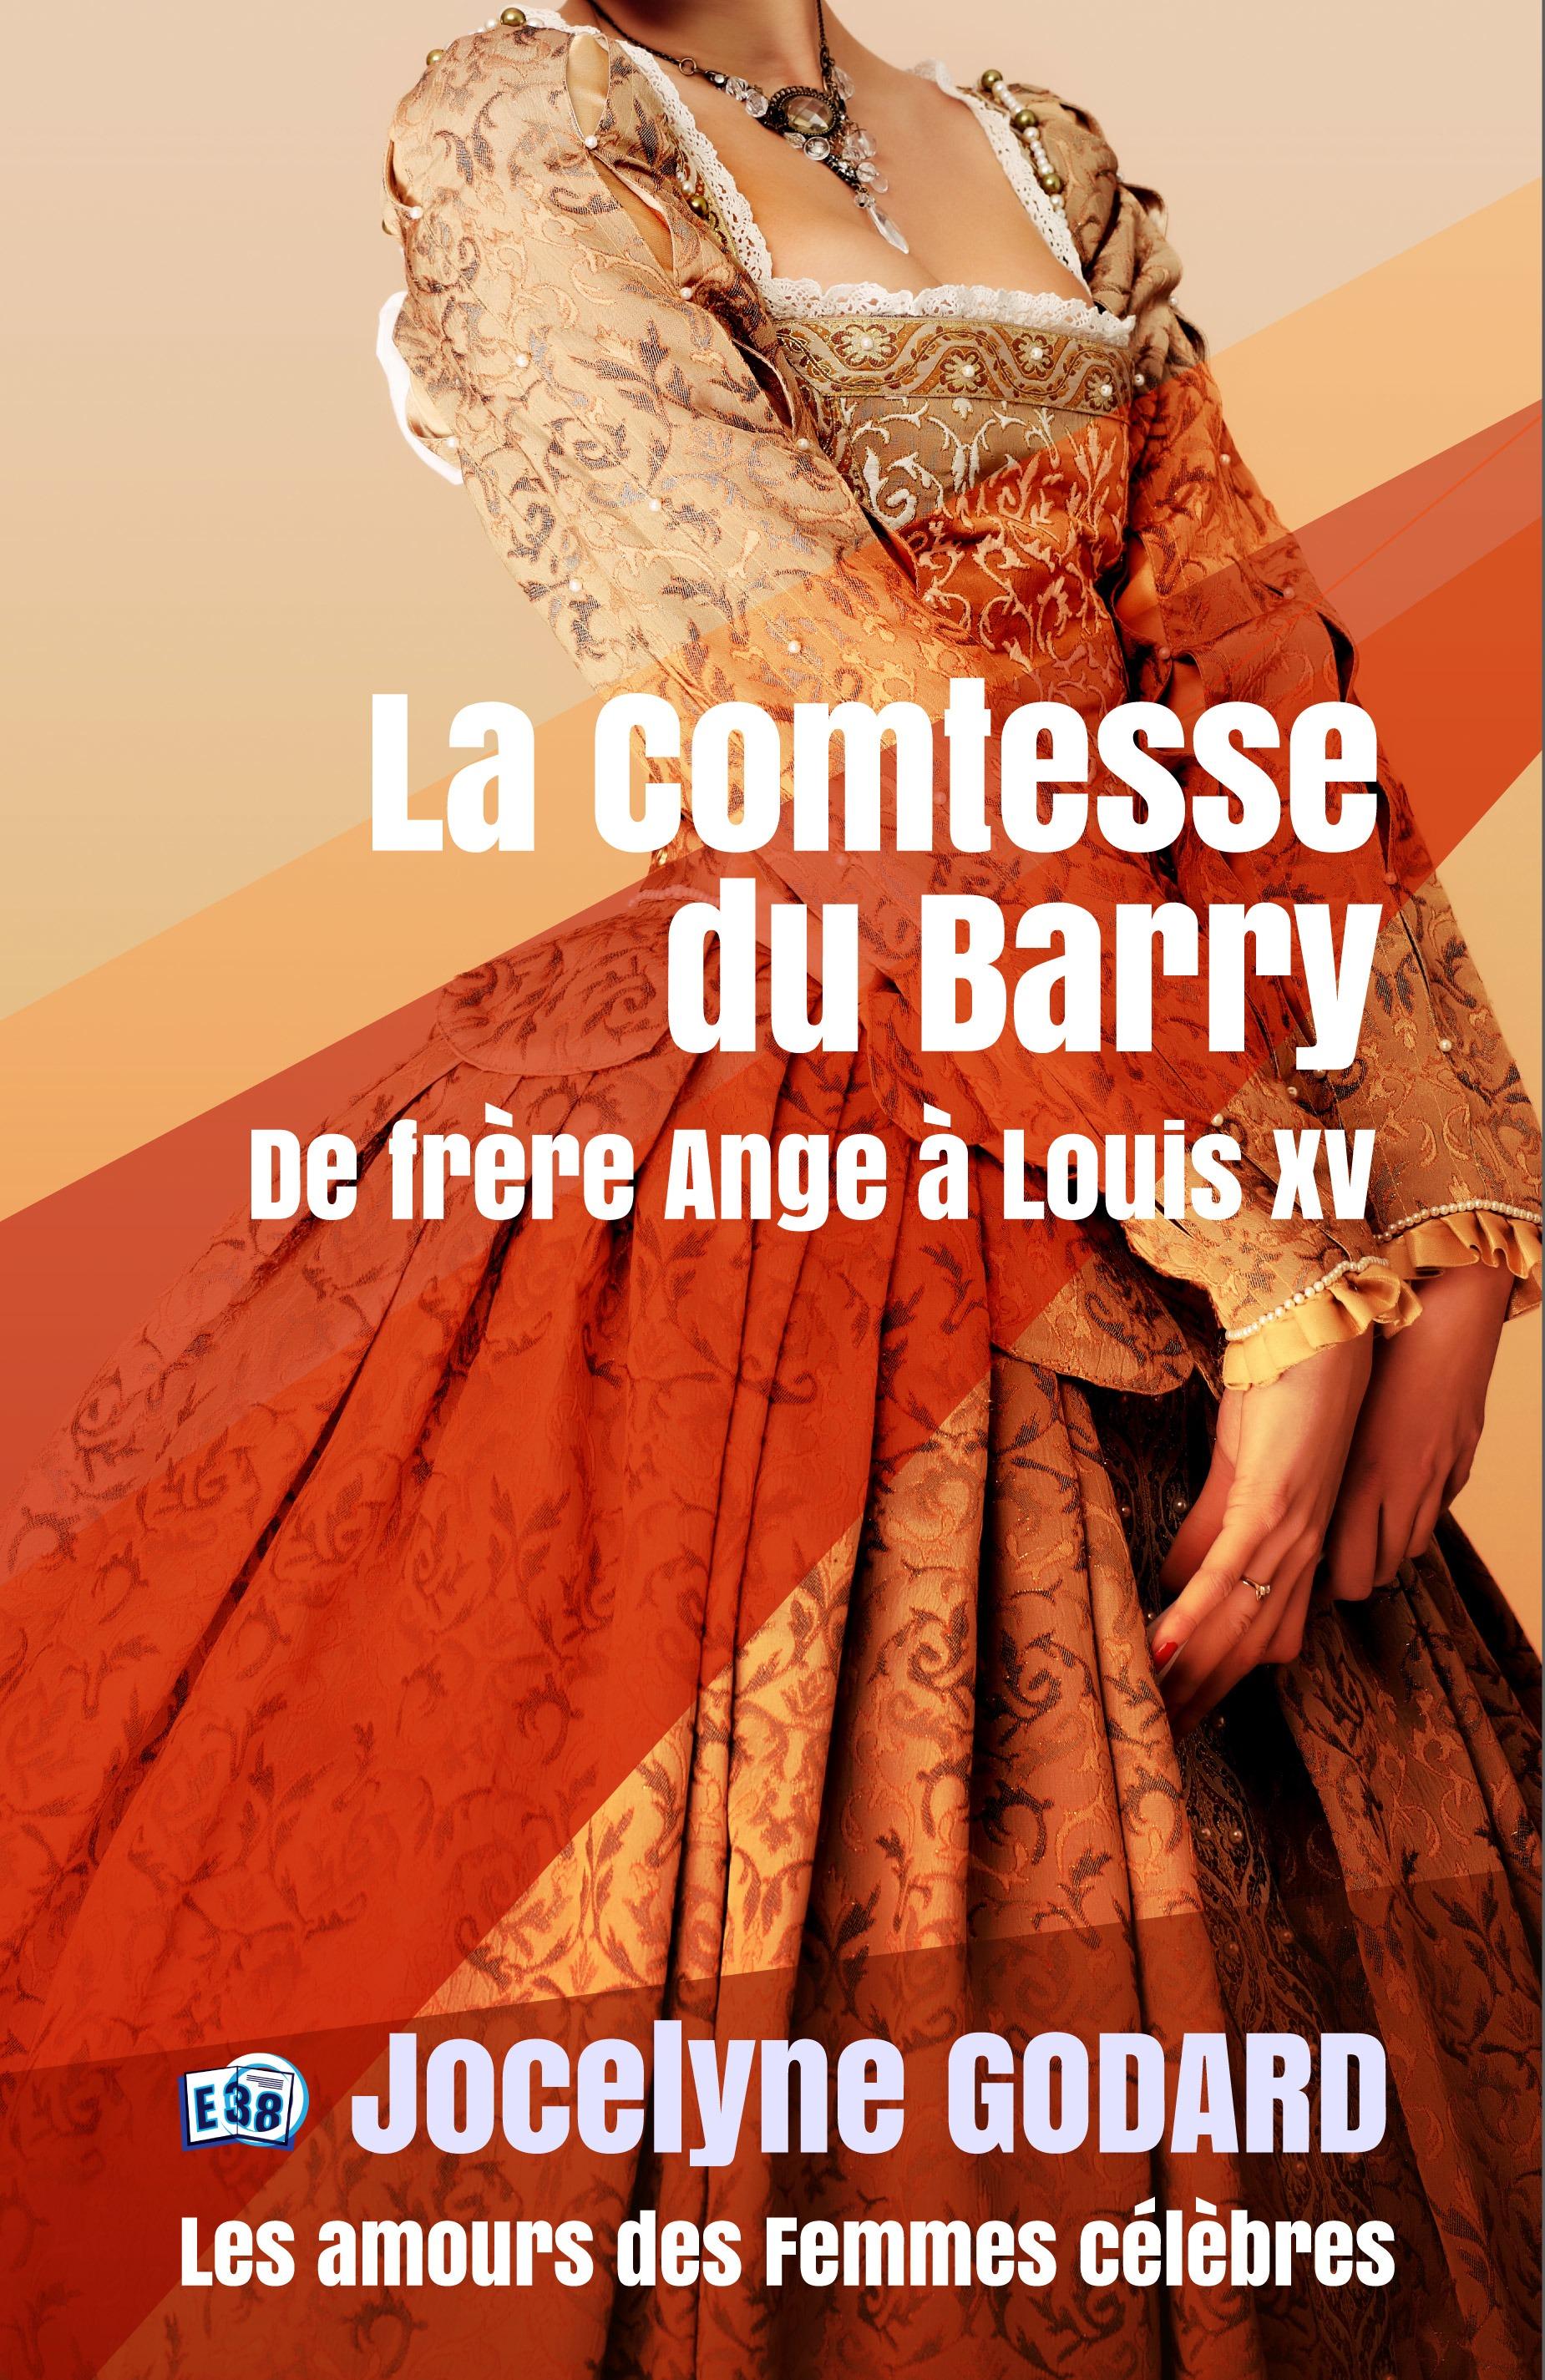 La comtesse du Barry, LES AMOURS DES FEMMES CÉLÈBRES